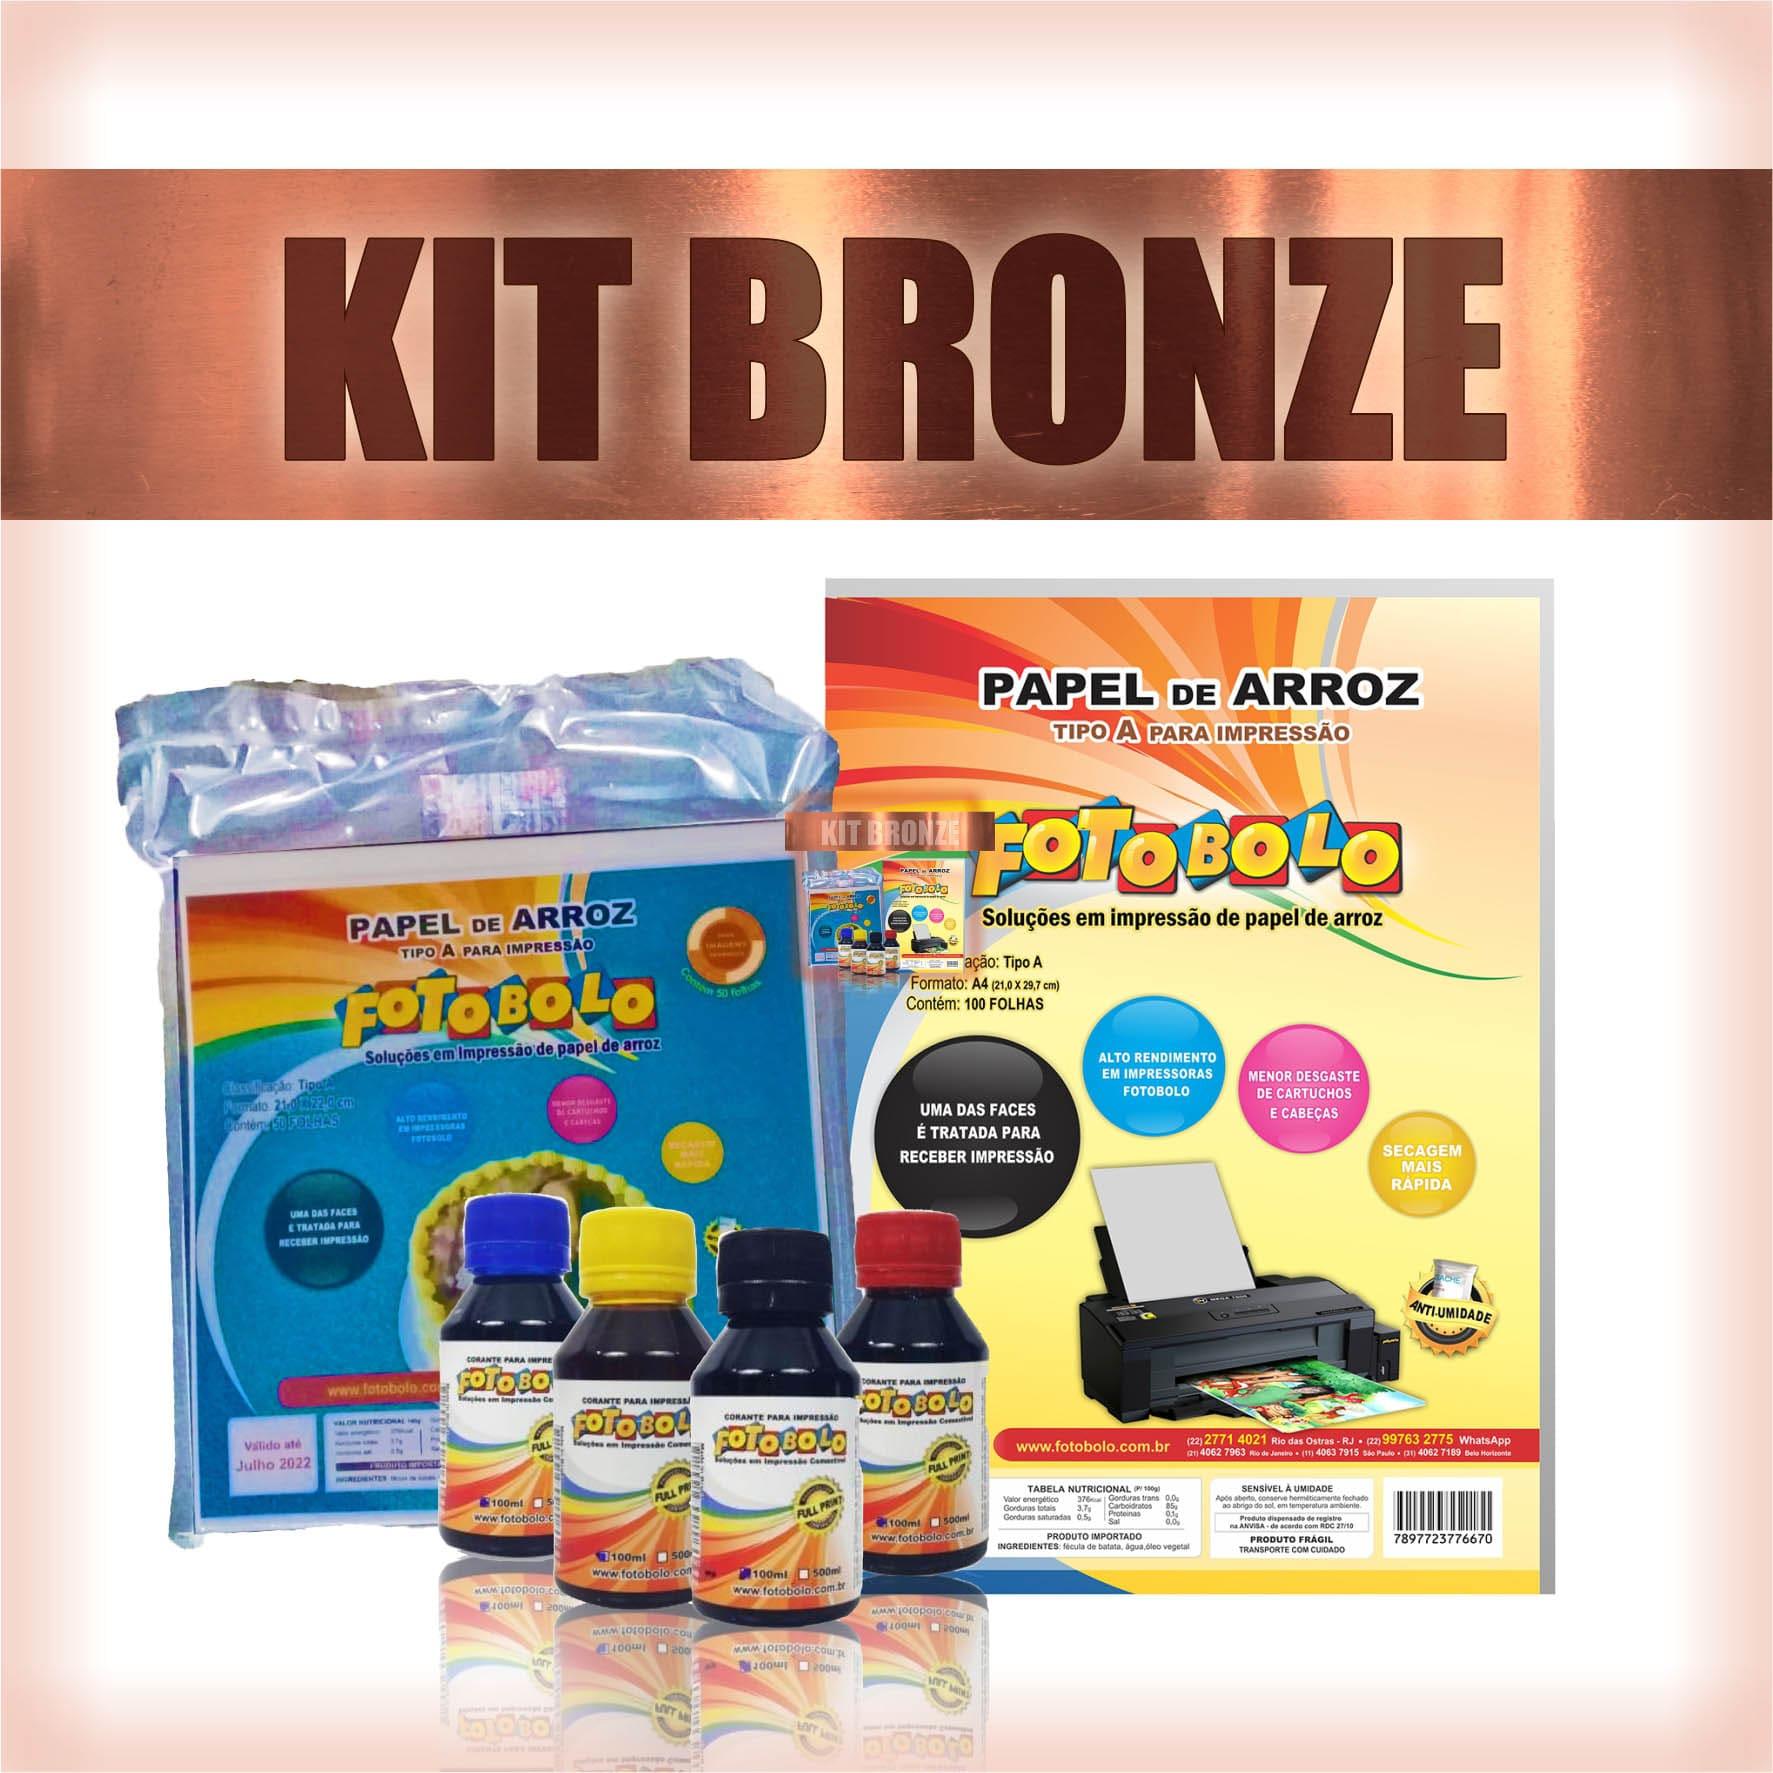 KIT BRONZE - 1 Pacote A4 + 1 Kit corante 100ml + 1 Pacote para tortas e bolos